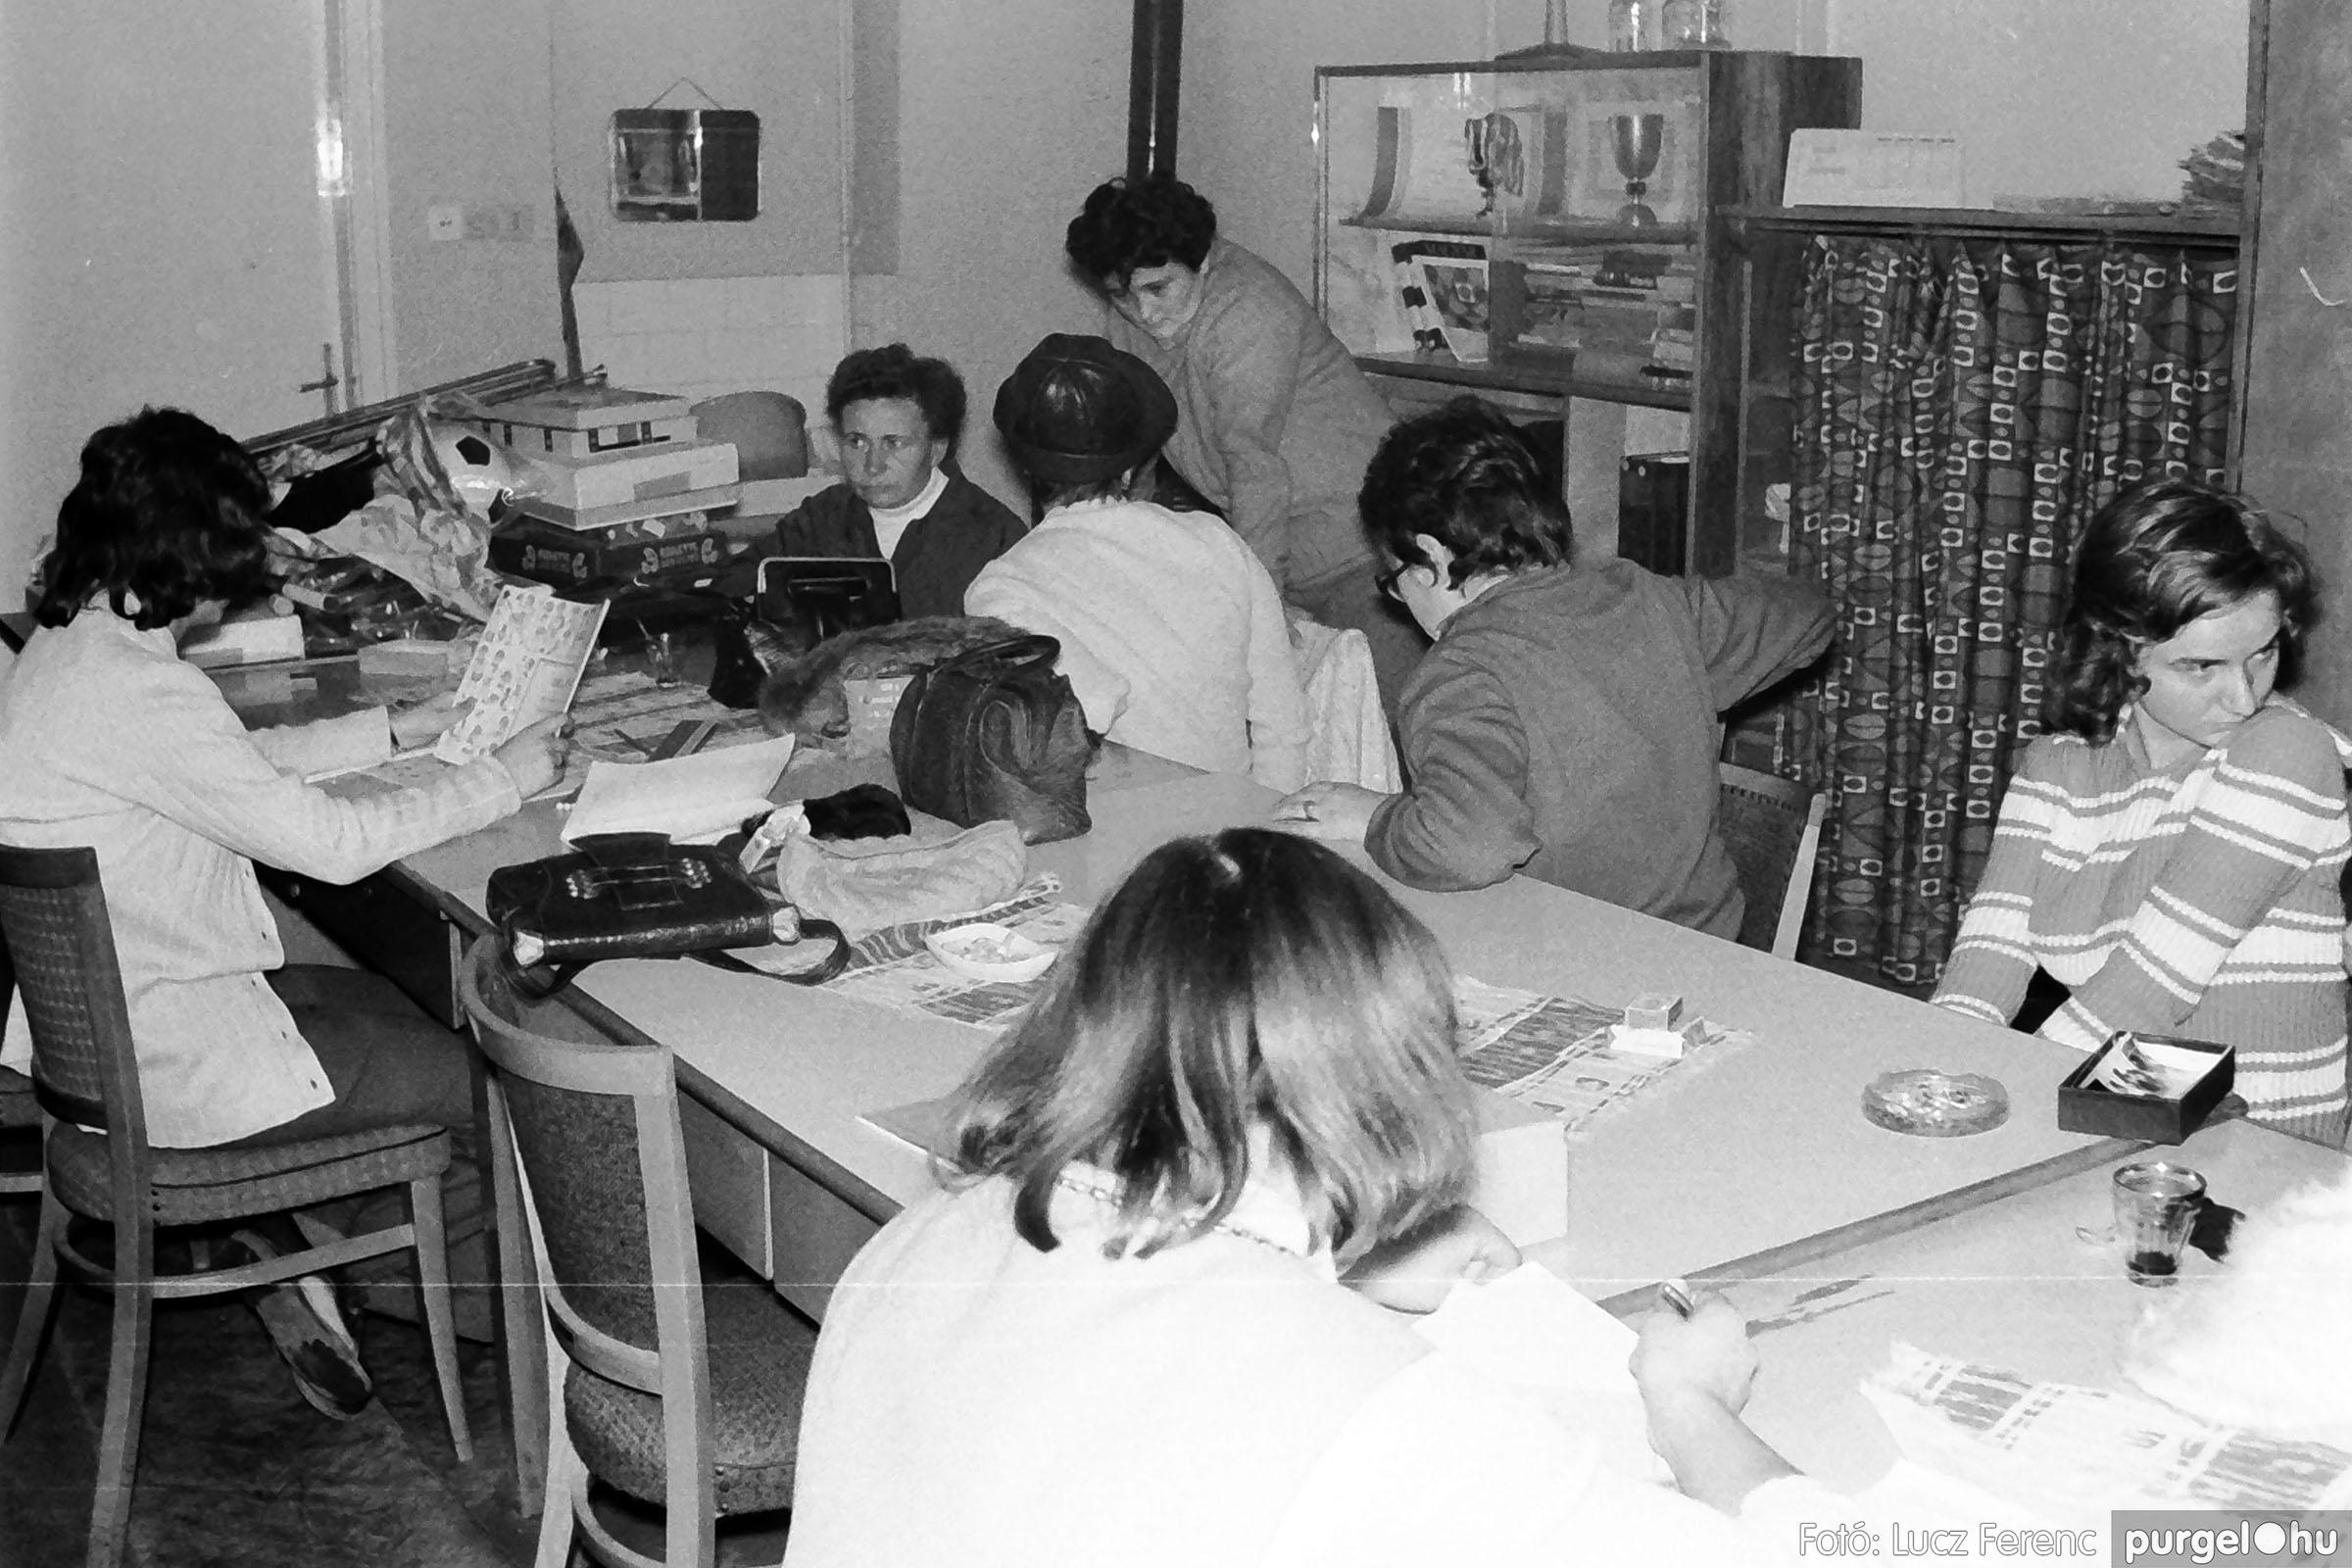 004A 1970-es évek - Úttörő rendezvény 012 - Fotó: Lucz Ferenc IMG00023q.jpg